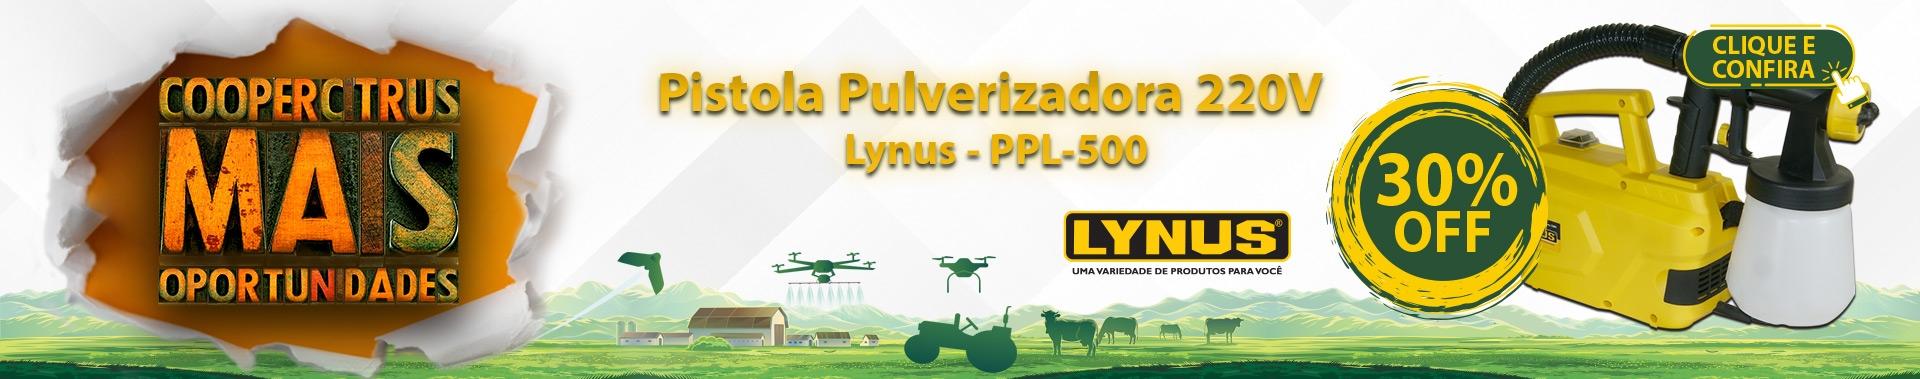 Coopercitrus Mais Oportunidades! Pistola Pulverizadora PPL-500 - Lynus-220V com 30% OFF!